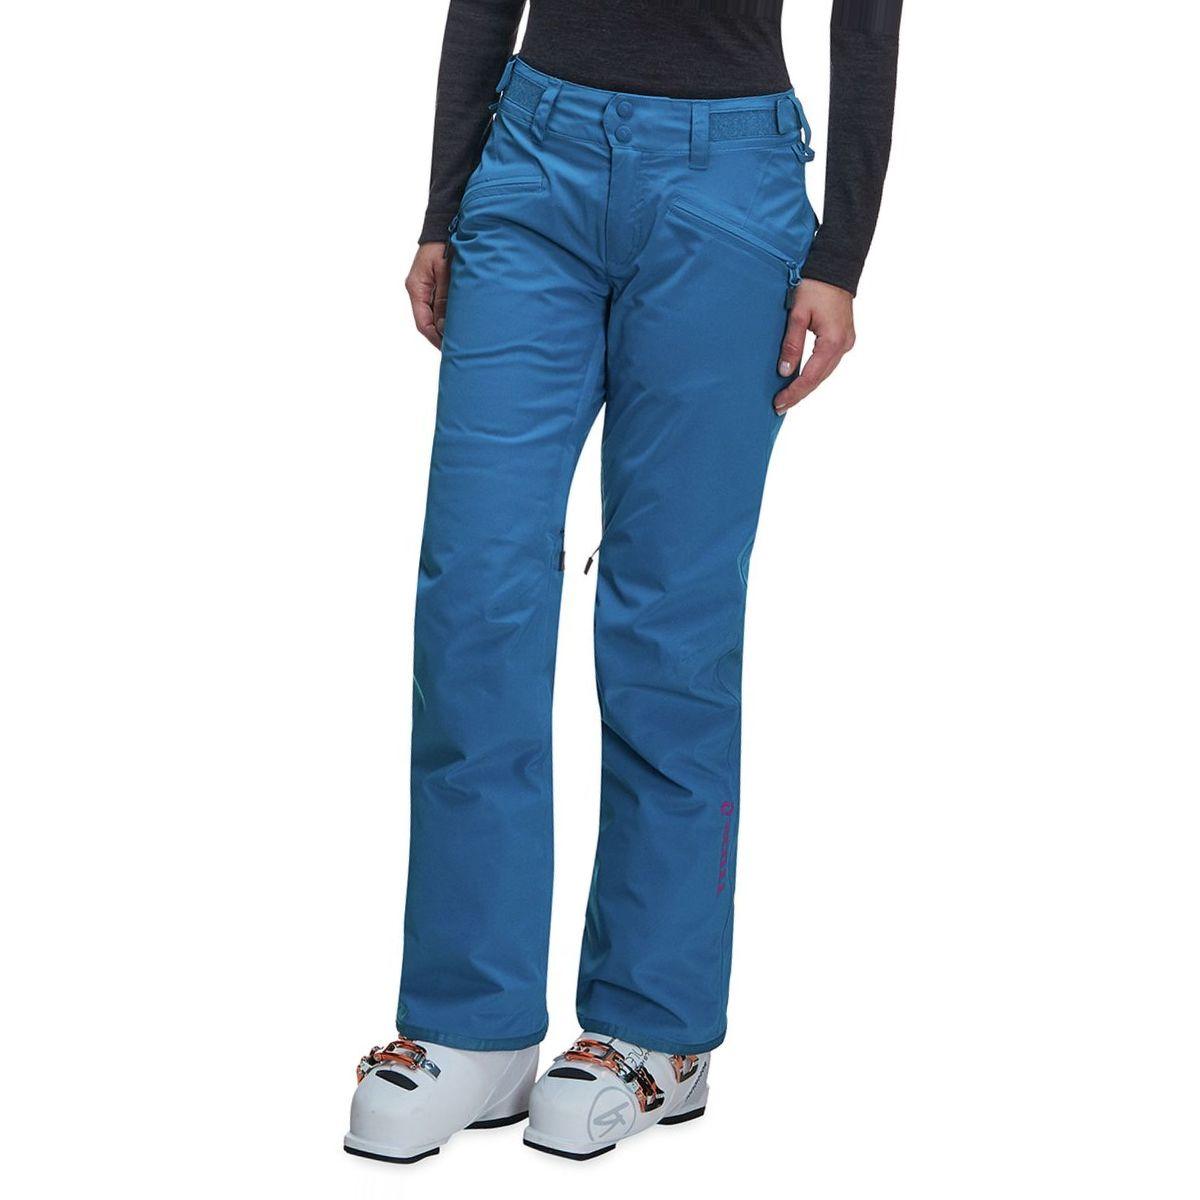 Scott Ultimate Dryo 20 Pant - Women's